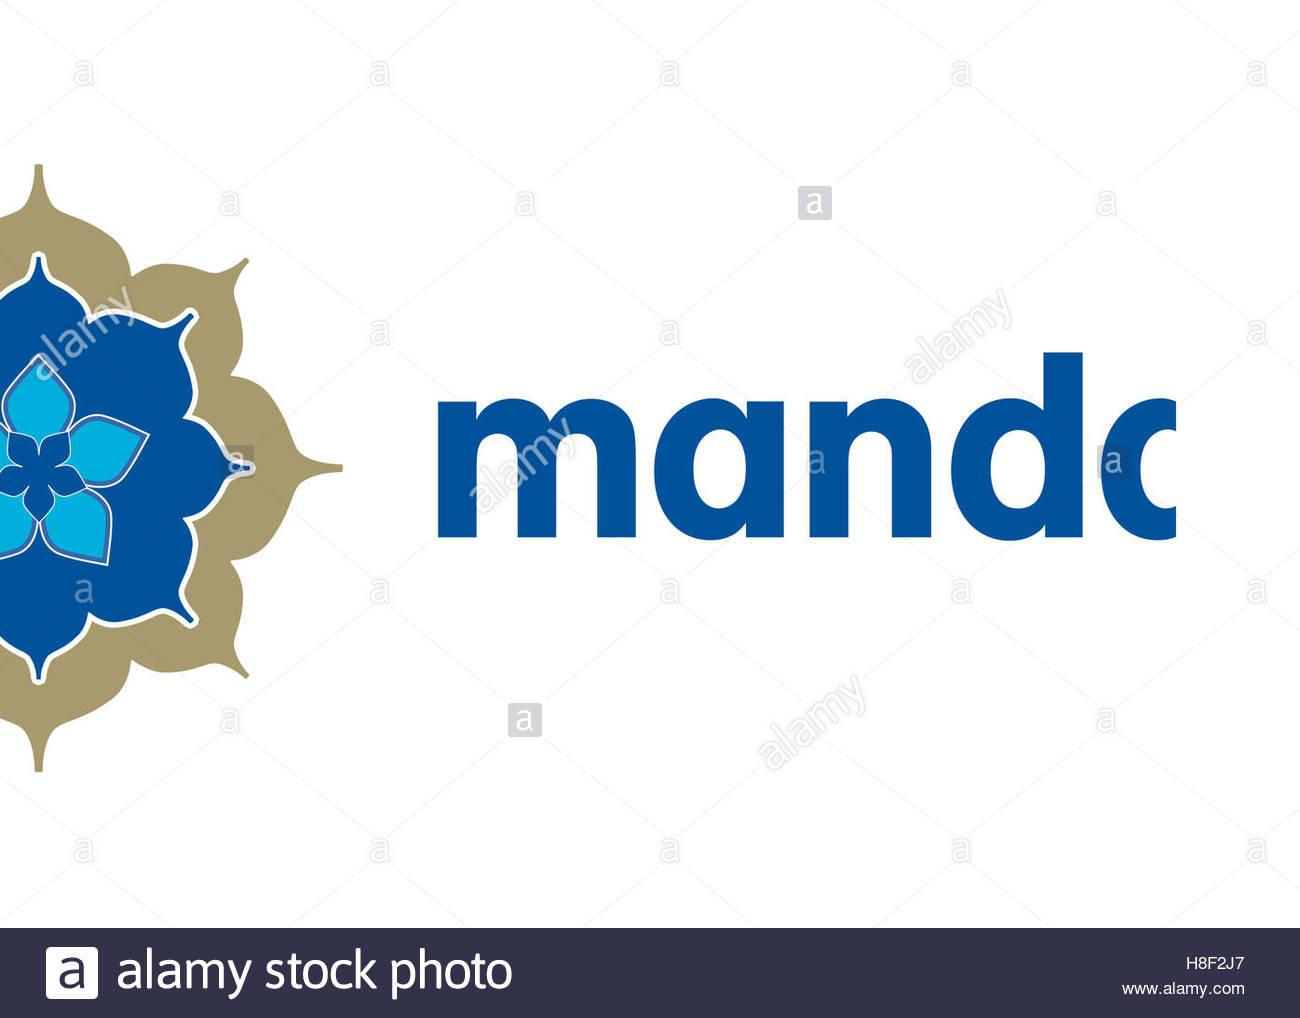 Mandala Air Airlines logo - Stock Image